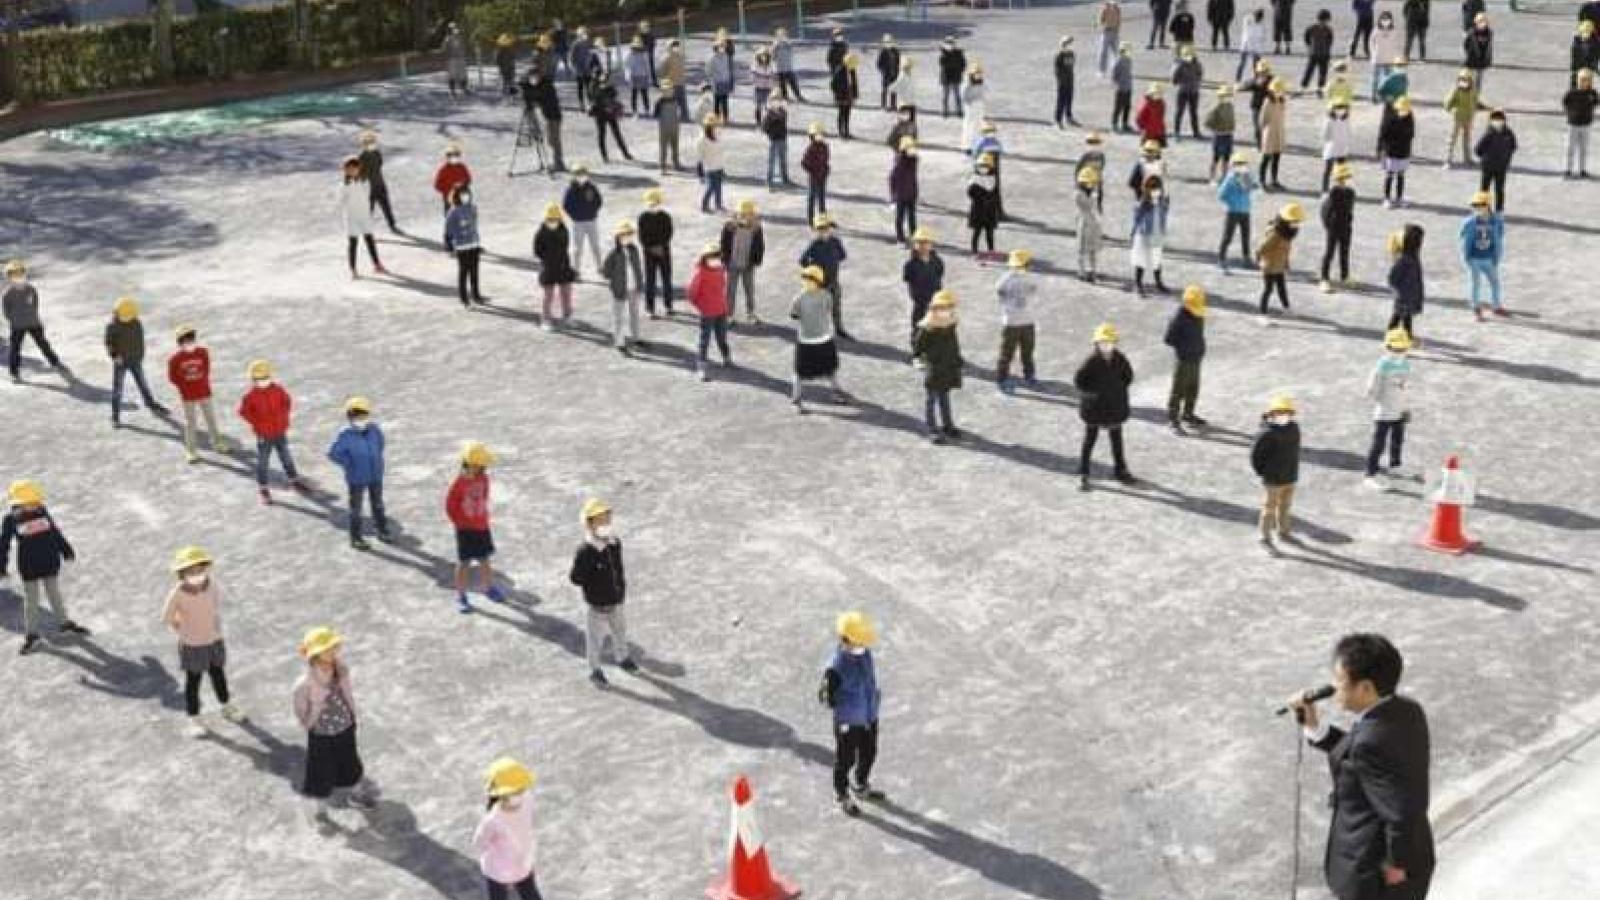 Nhật Bản thảo luận về việc mở cửa lại các trường học vào tháng 9/2020